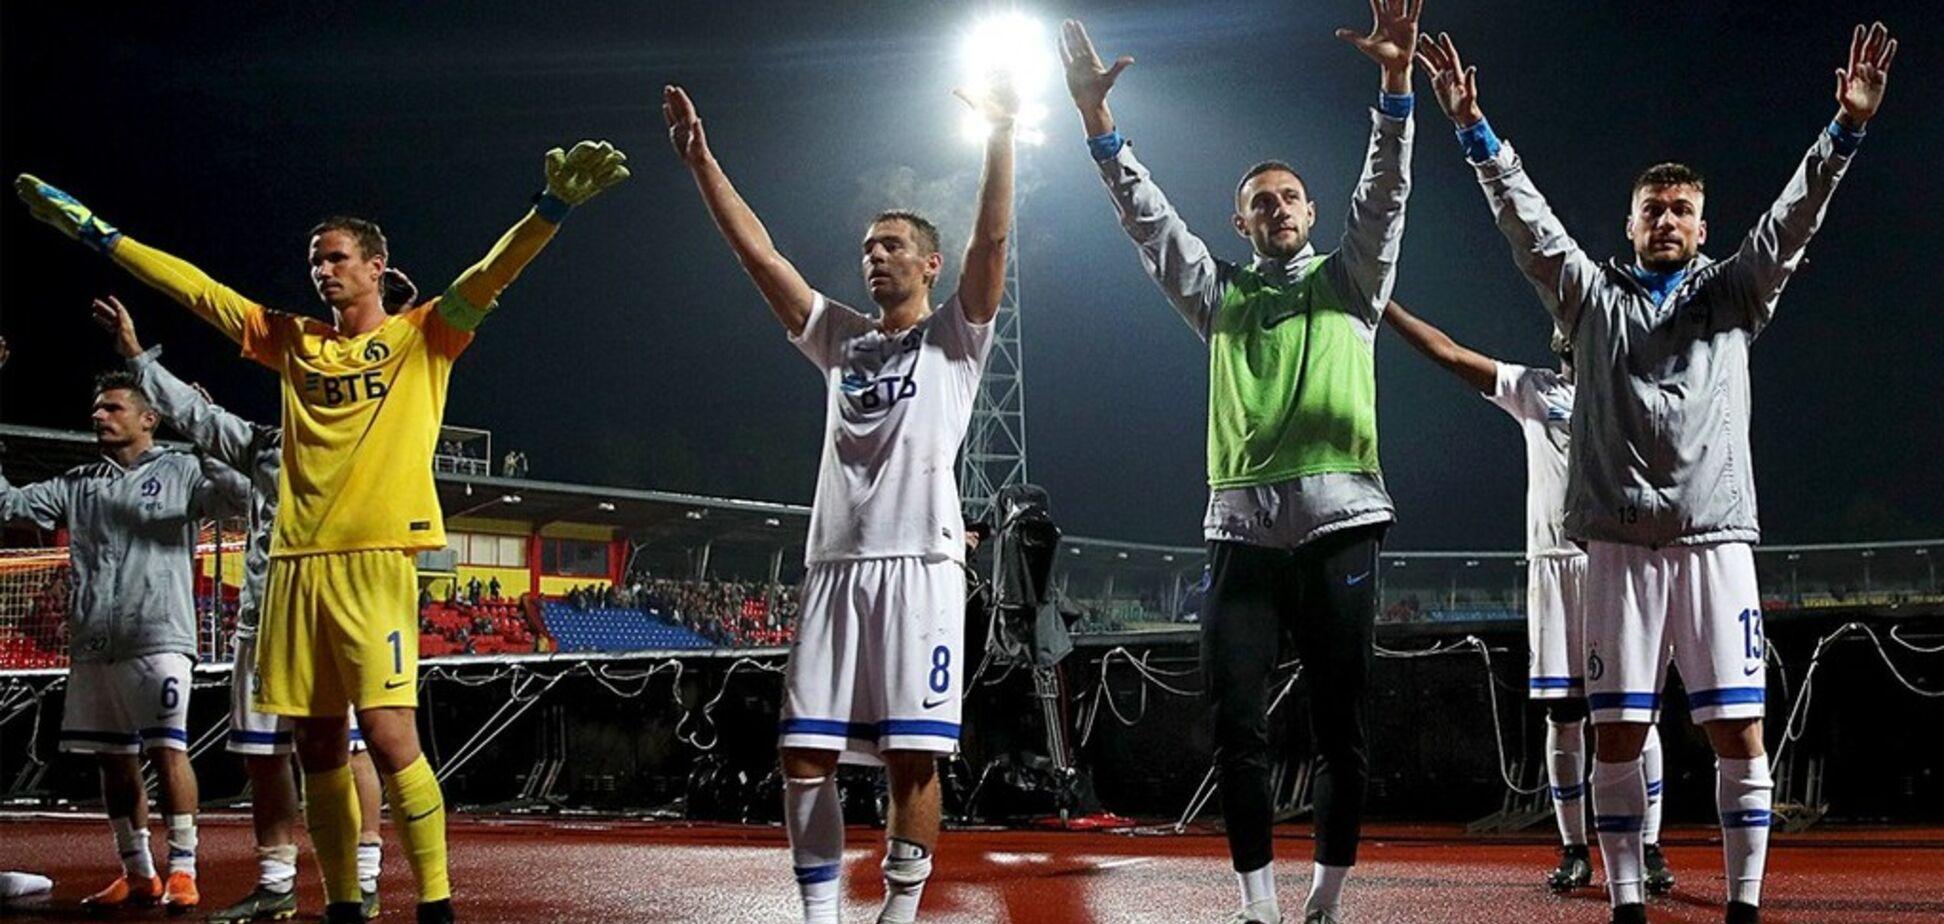 'Настроен мириться': сбежавший футболист сборной Украины в России высказался о Зеленском